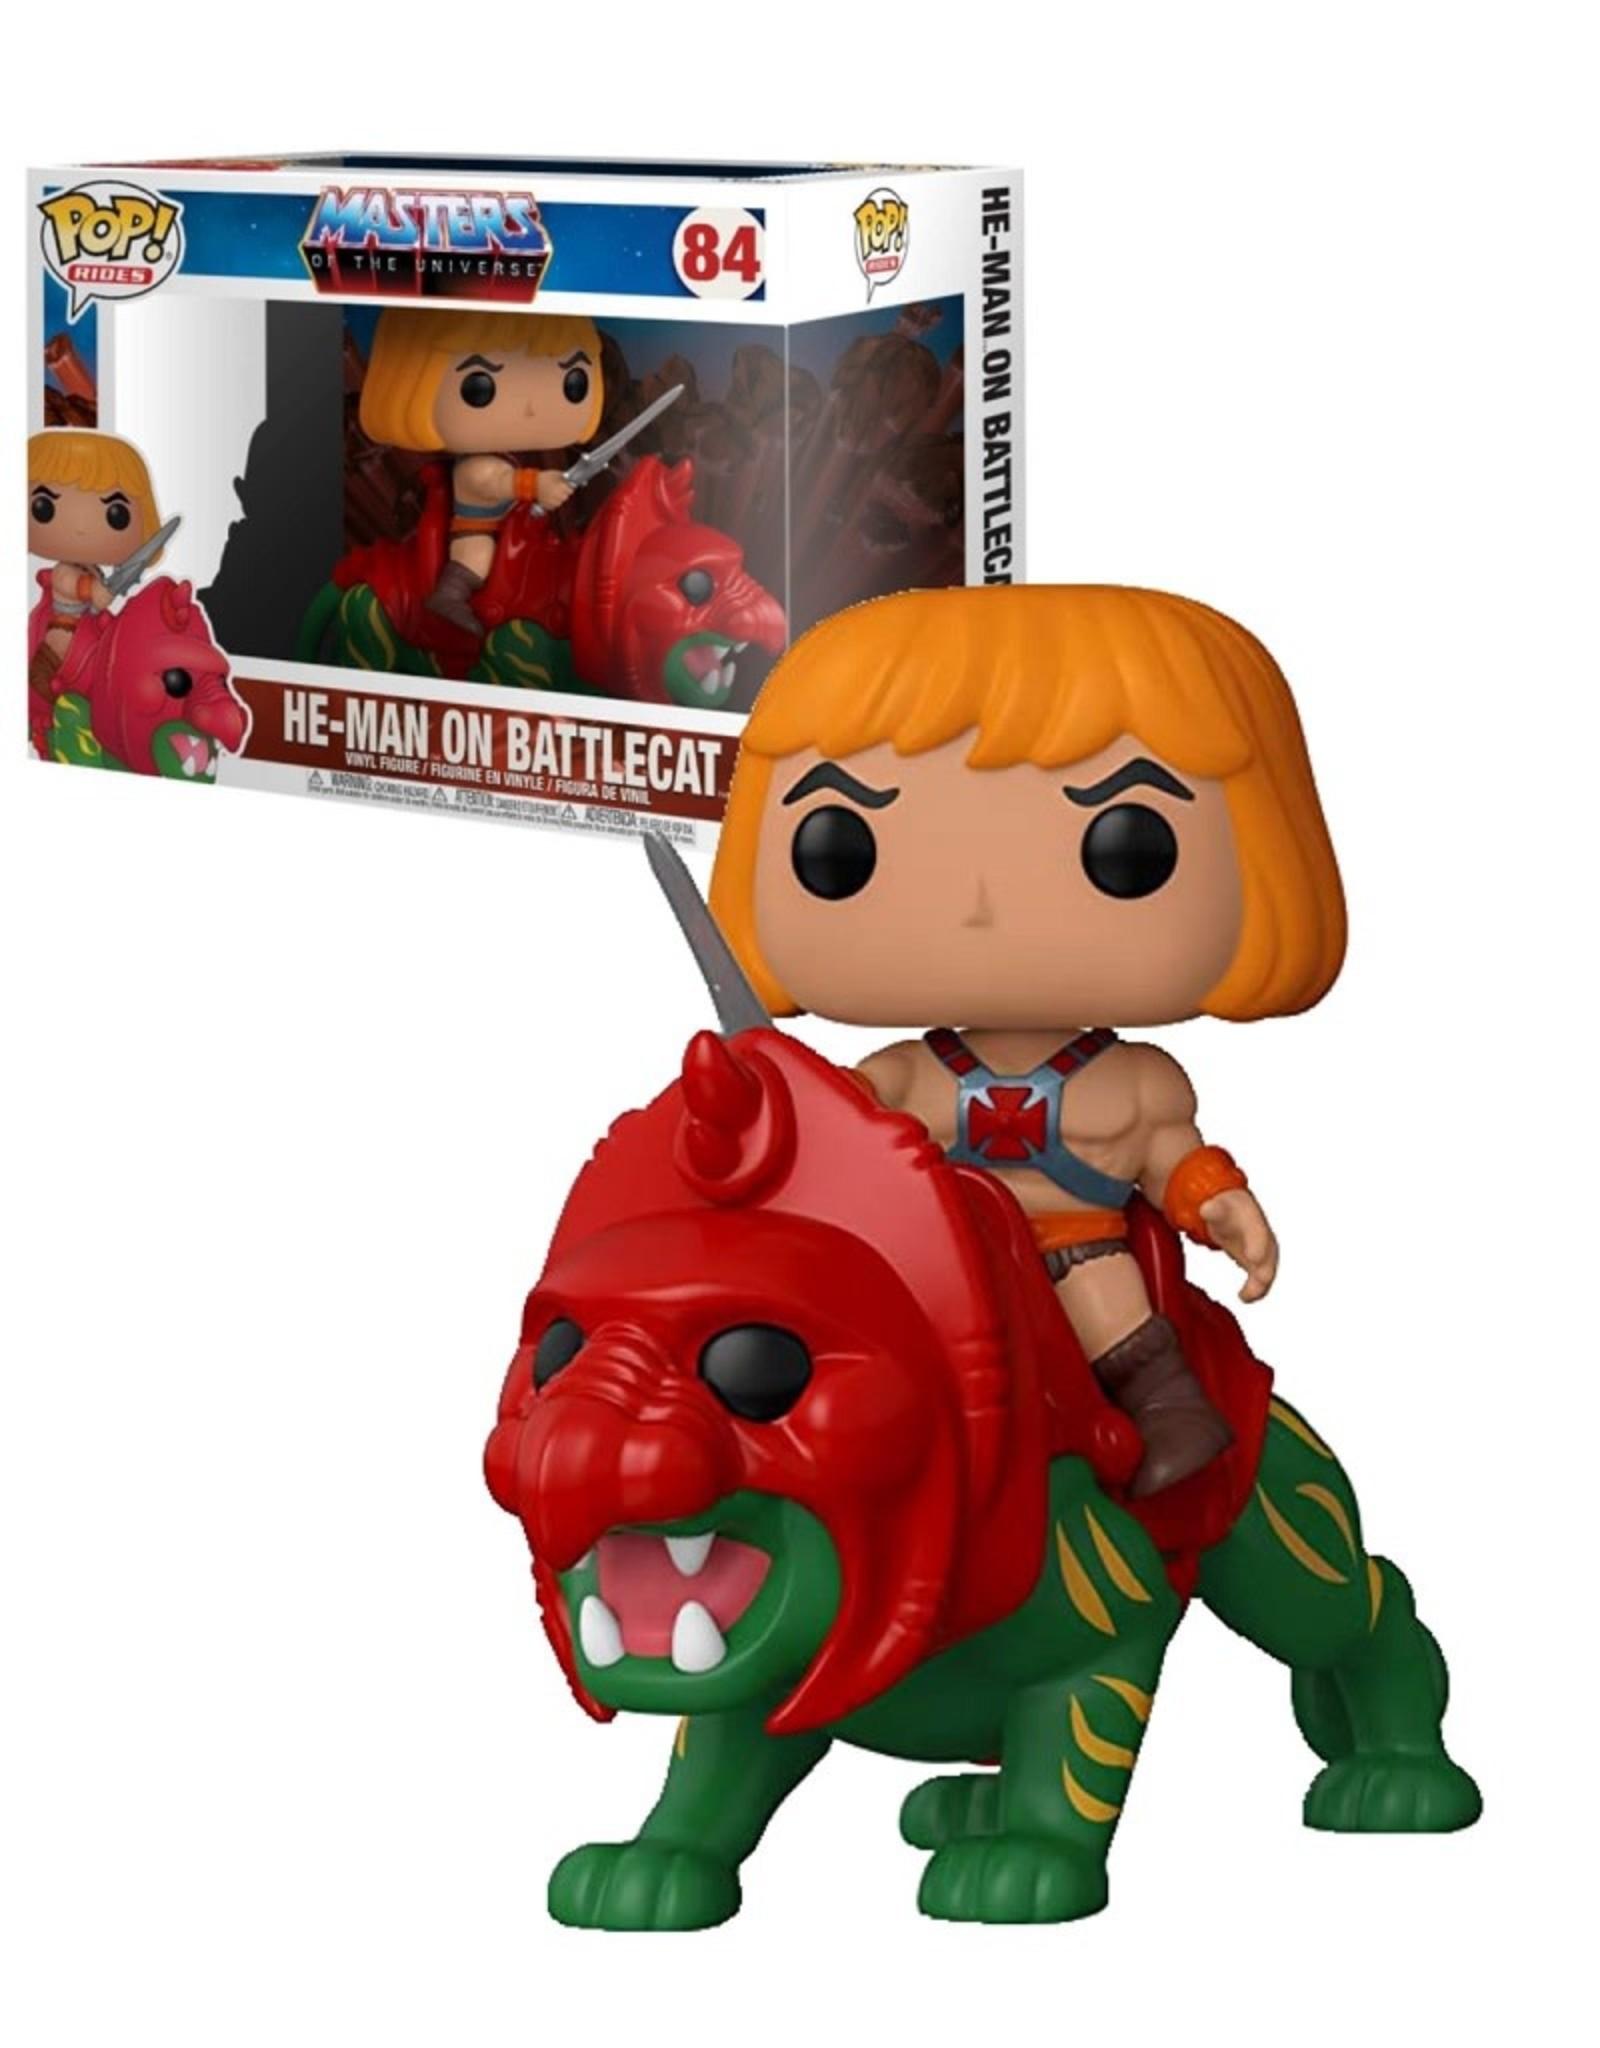 He-Man on Battlecat 84 ( Funko Pop )